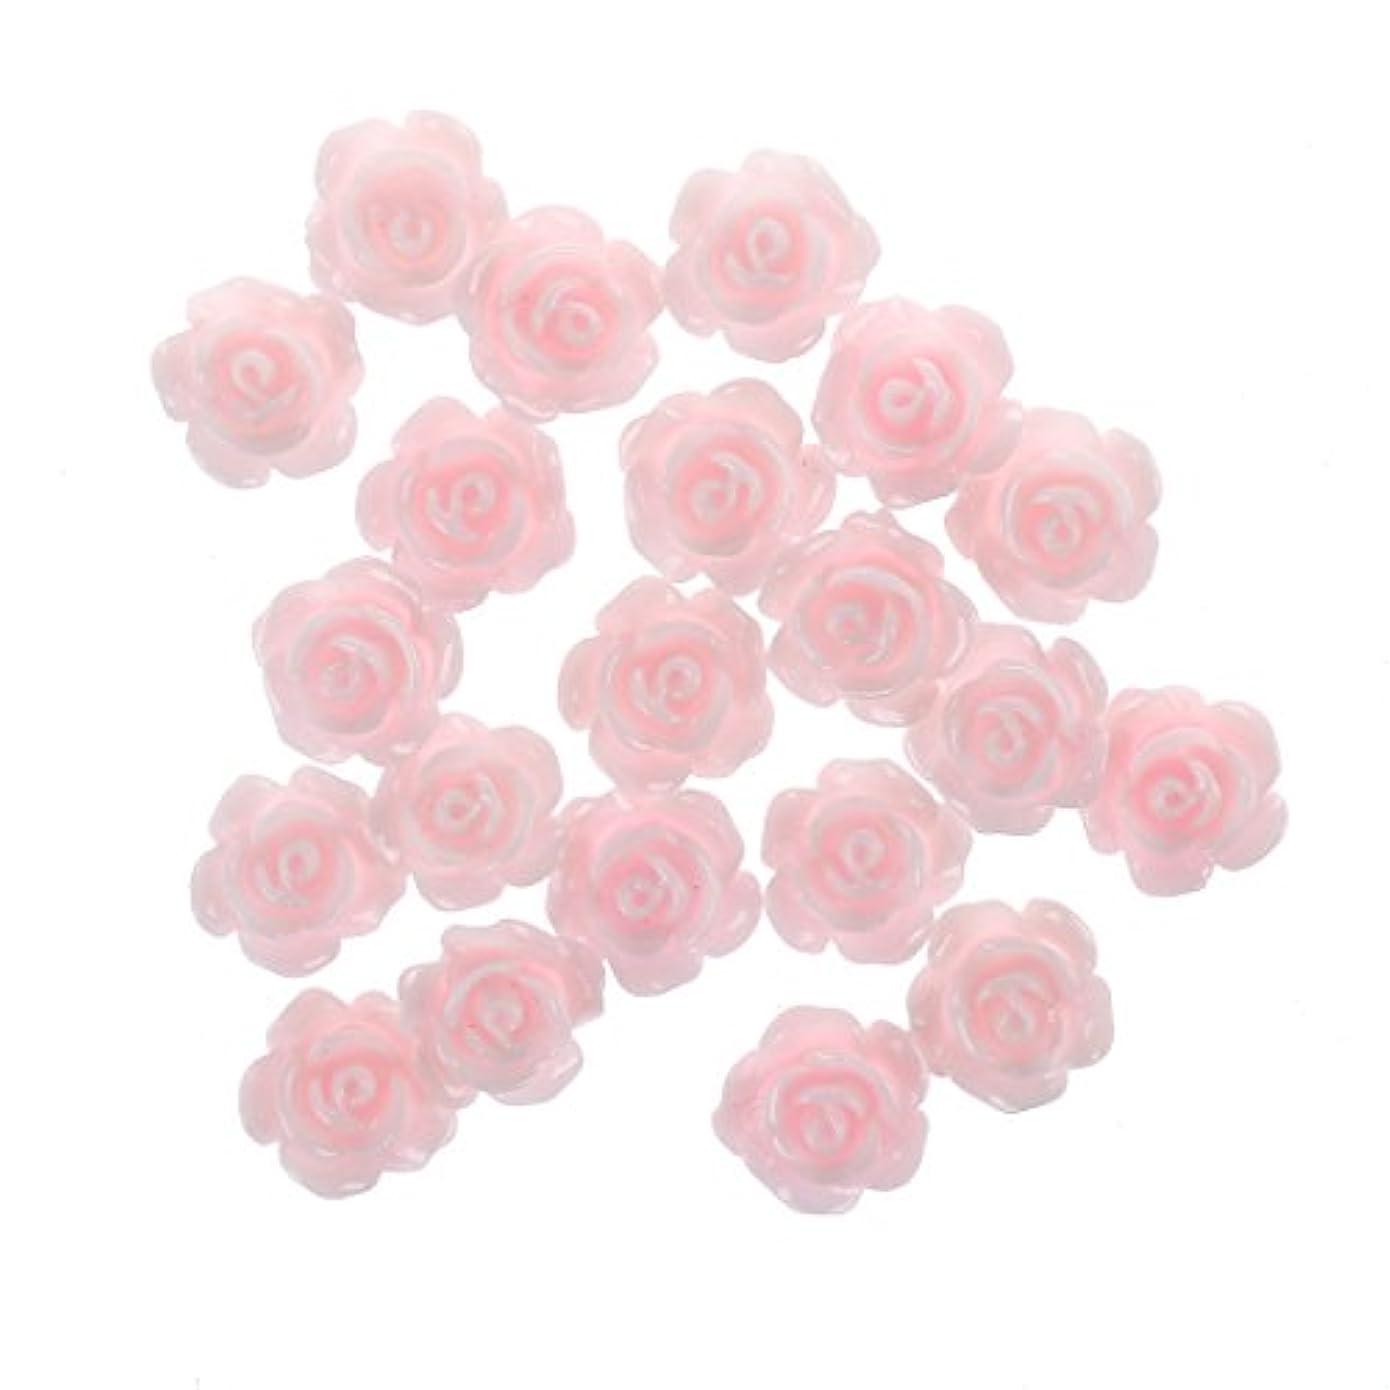 乳白成功活性化するCikuso 20x3Dピンクの小さいバラ ラインストーン付きネイルアート装飾